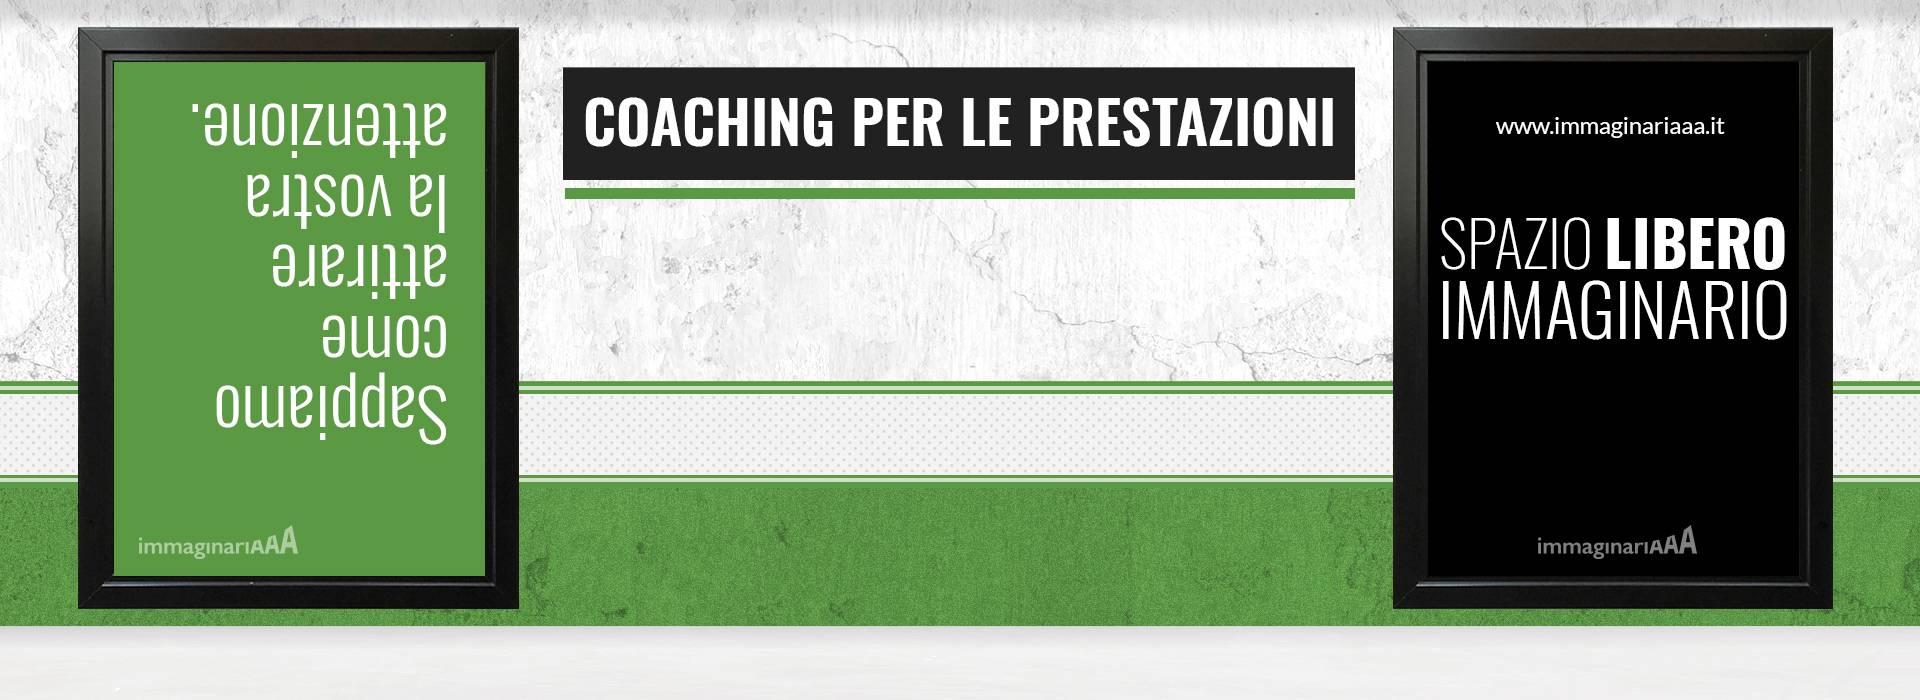 Coaching per le prestazioni